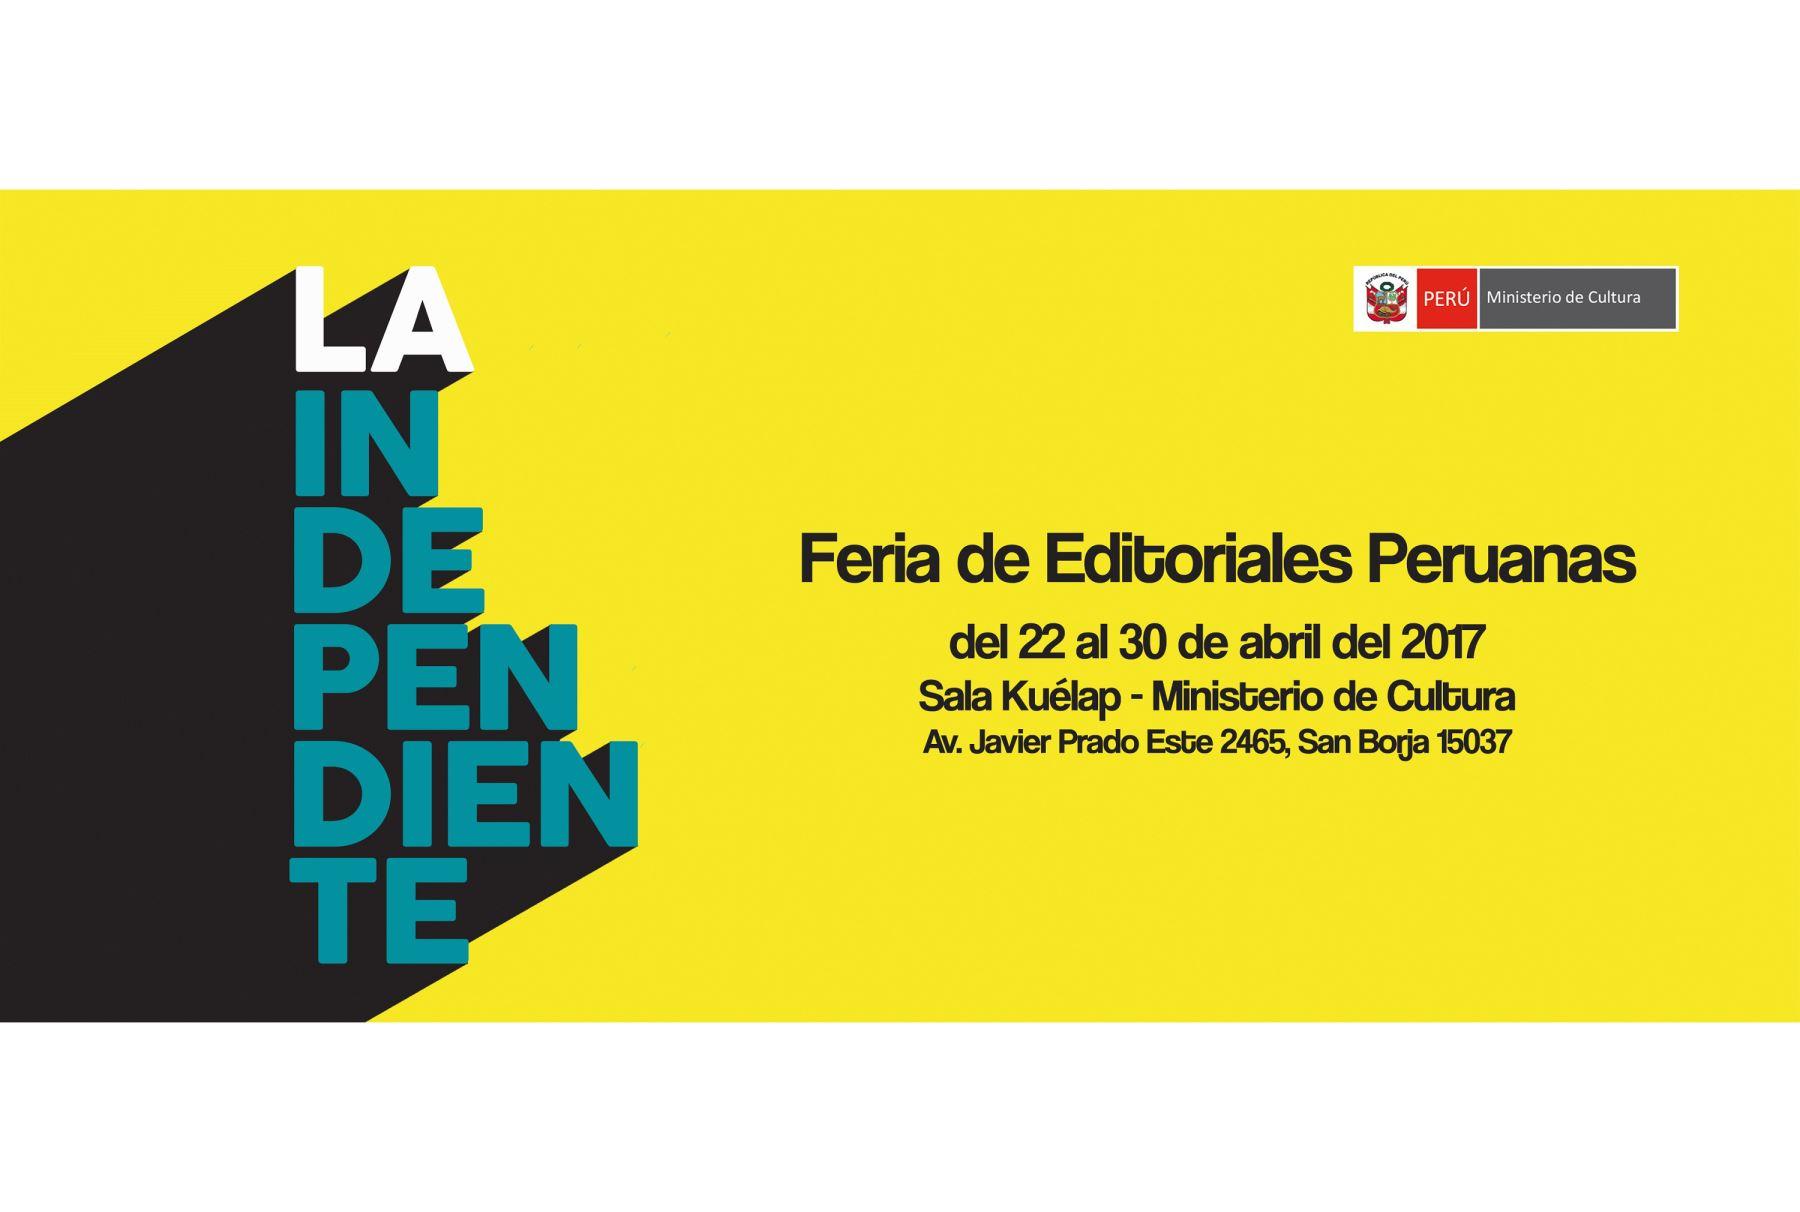 Ministerio de Cultura promocionará la labor editorial independiente peruana